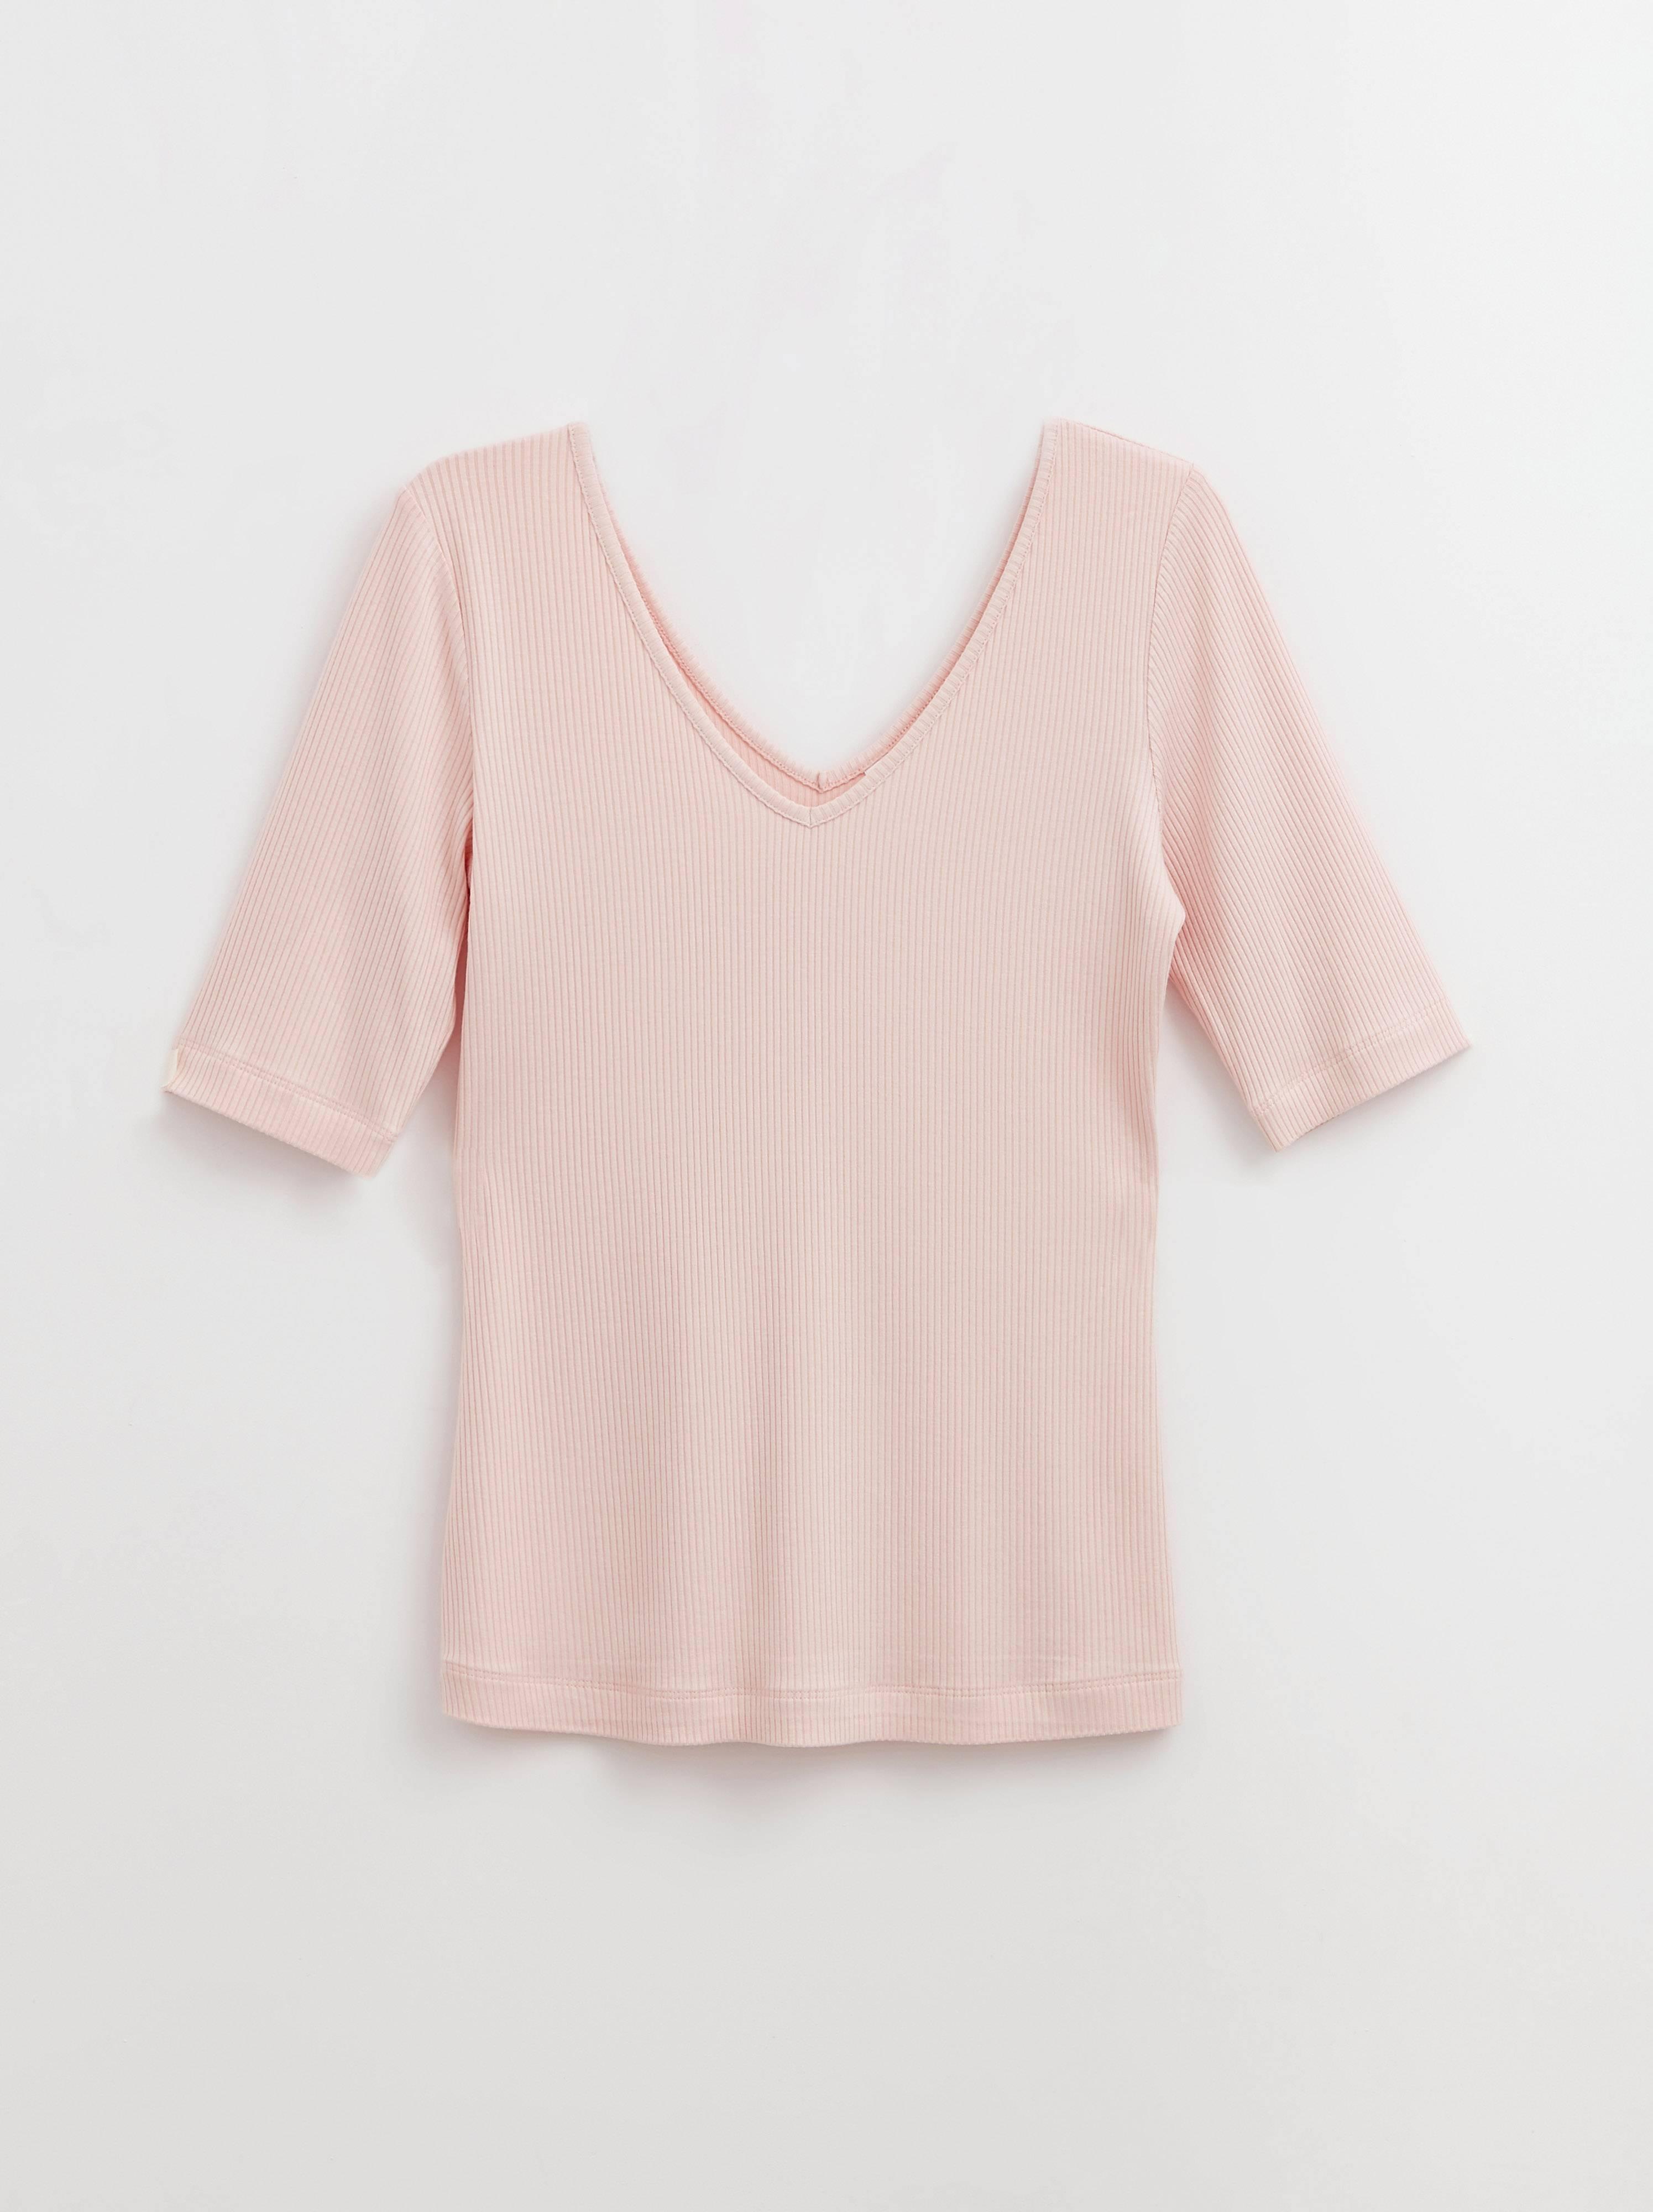 Джемпер женский ⭐️ Топ женский в рубчик из премиальной вискозы LD 1165 бледно-розовый ⭐️